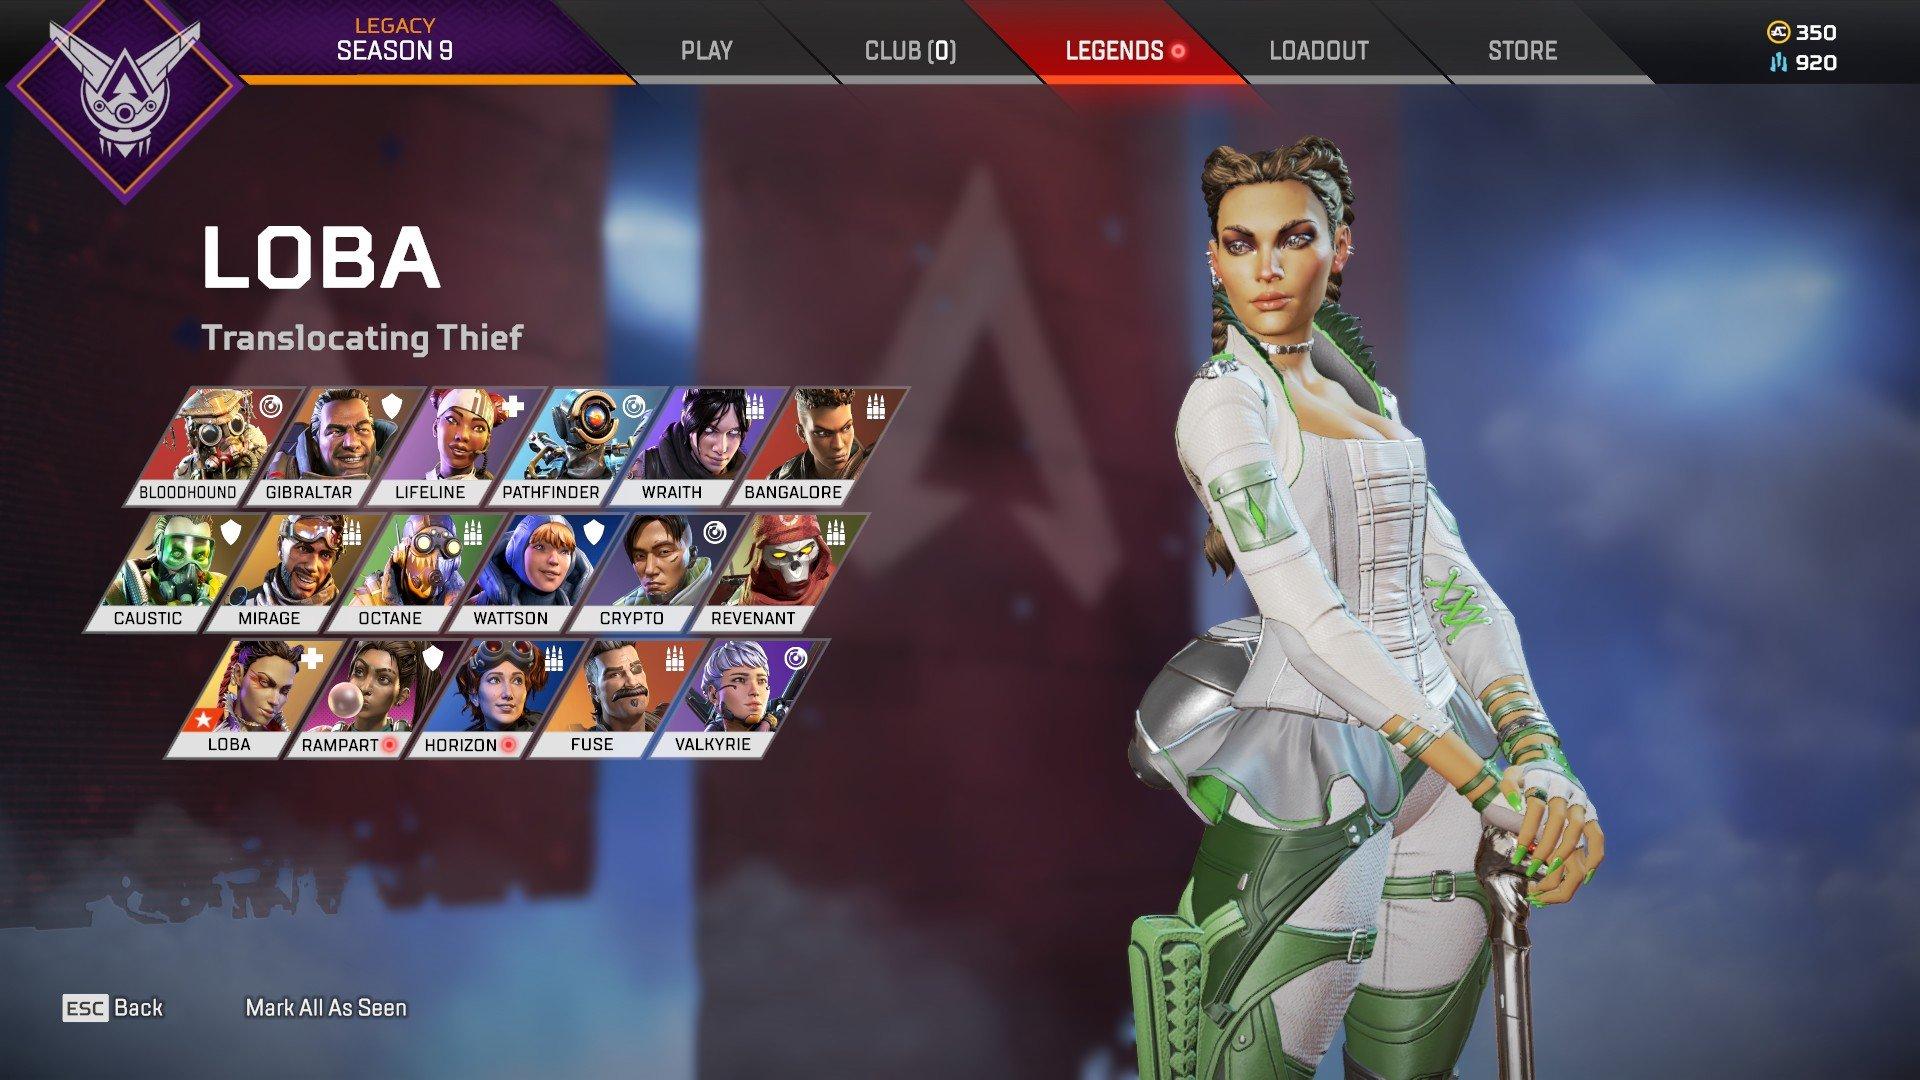 Apex Legends - Feature Character Screenshot